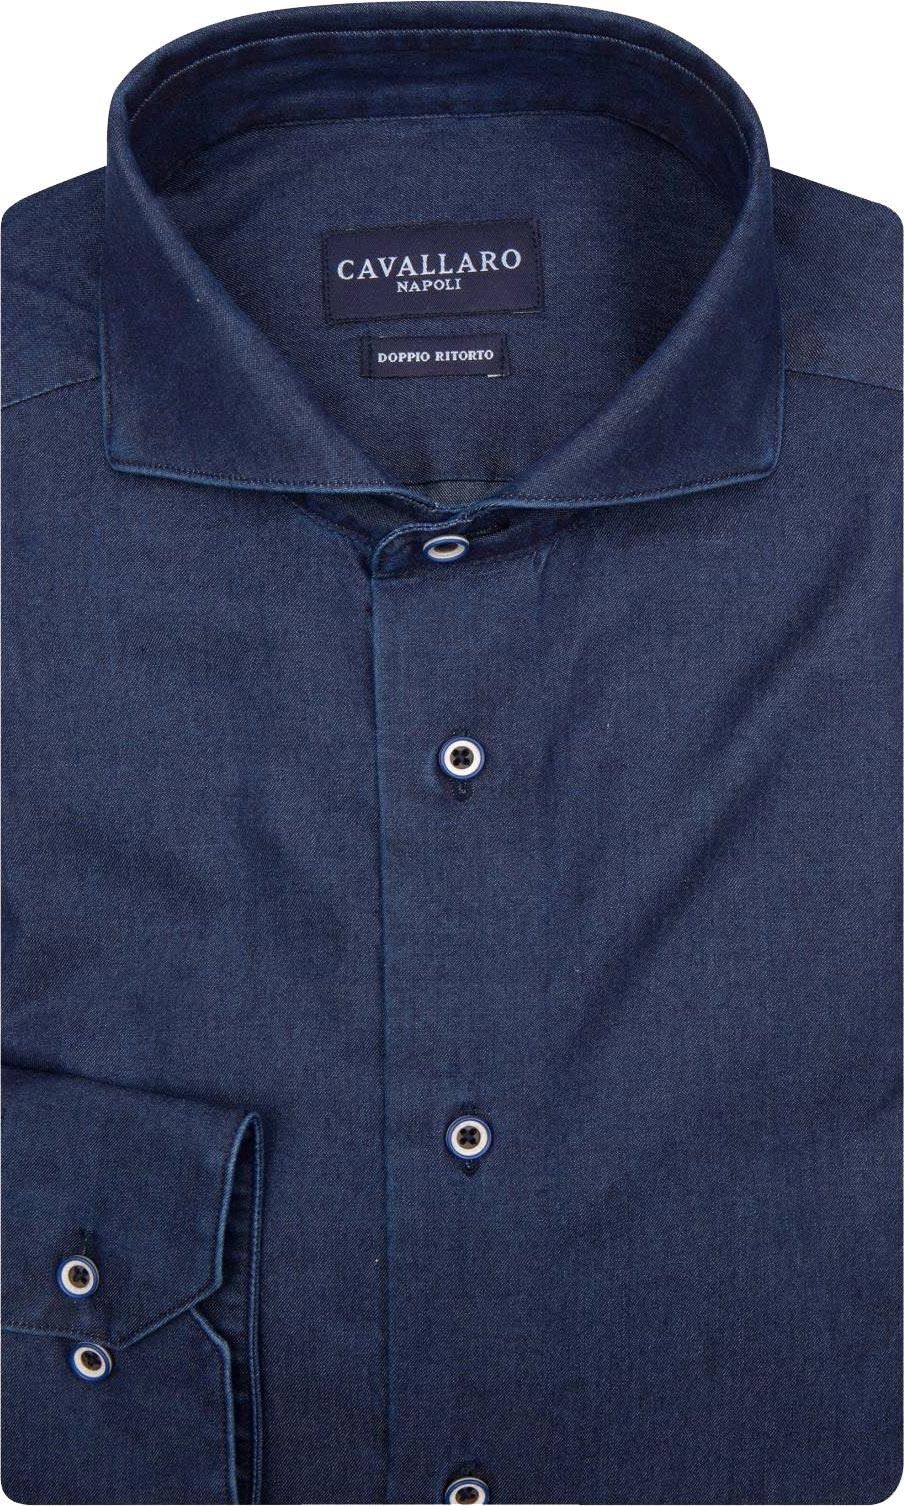 Cavallaro Overhemd Jeans Klein Kleding Denim Heren WHIDbeE29Y